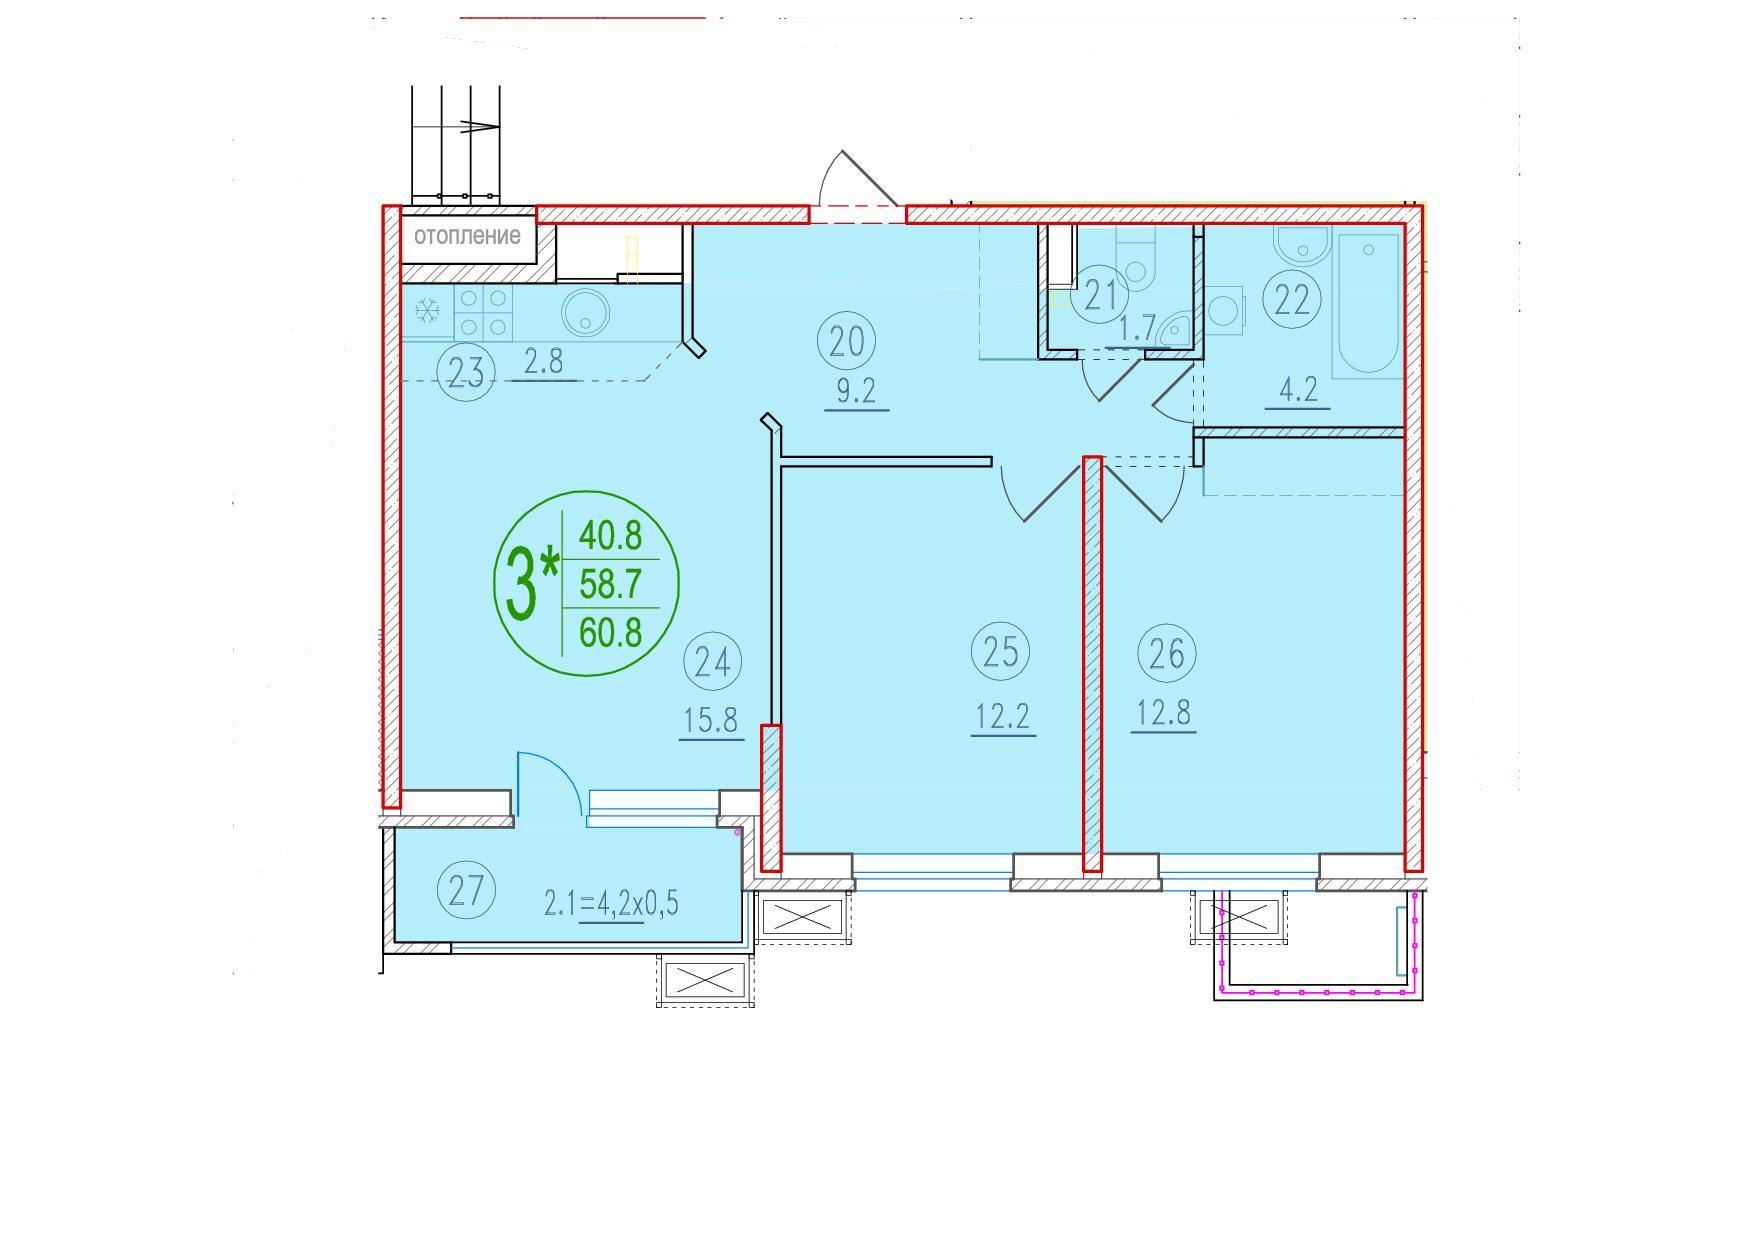 3-комнатная смарт 60.8<span>м<sup>2</sup></span>